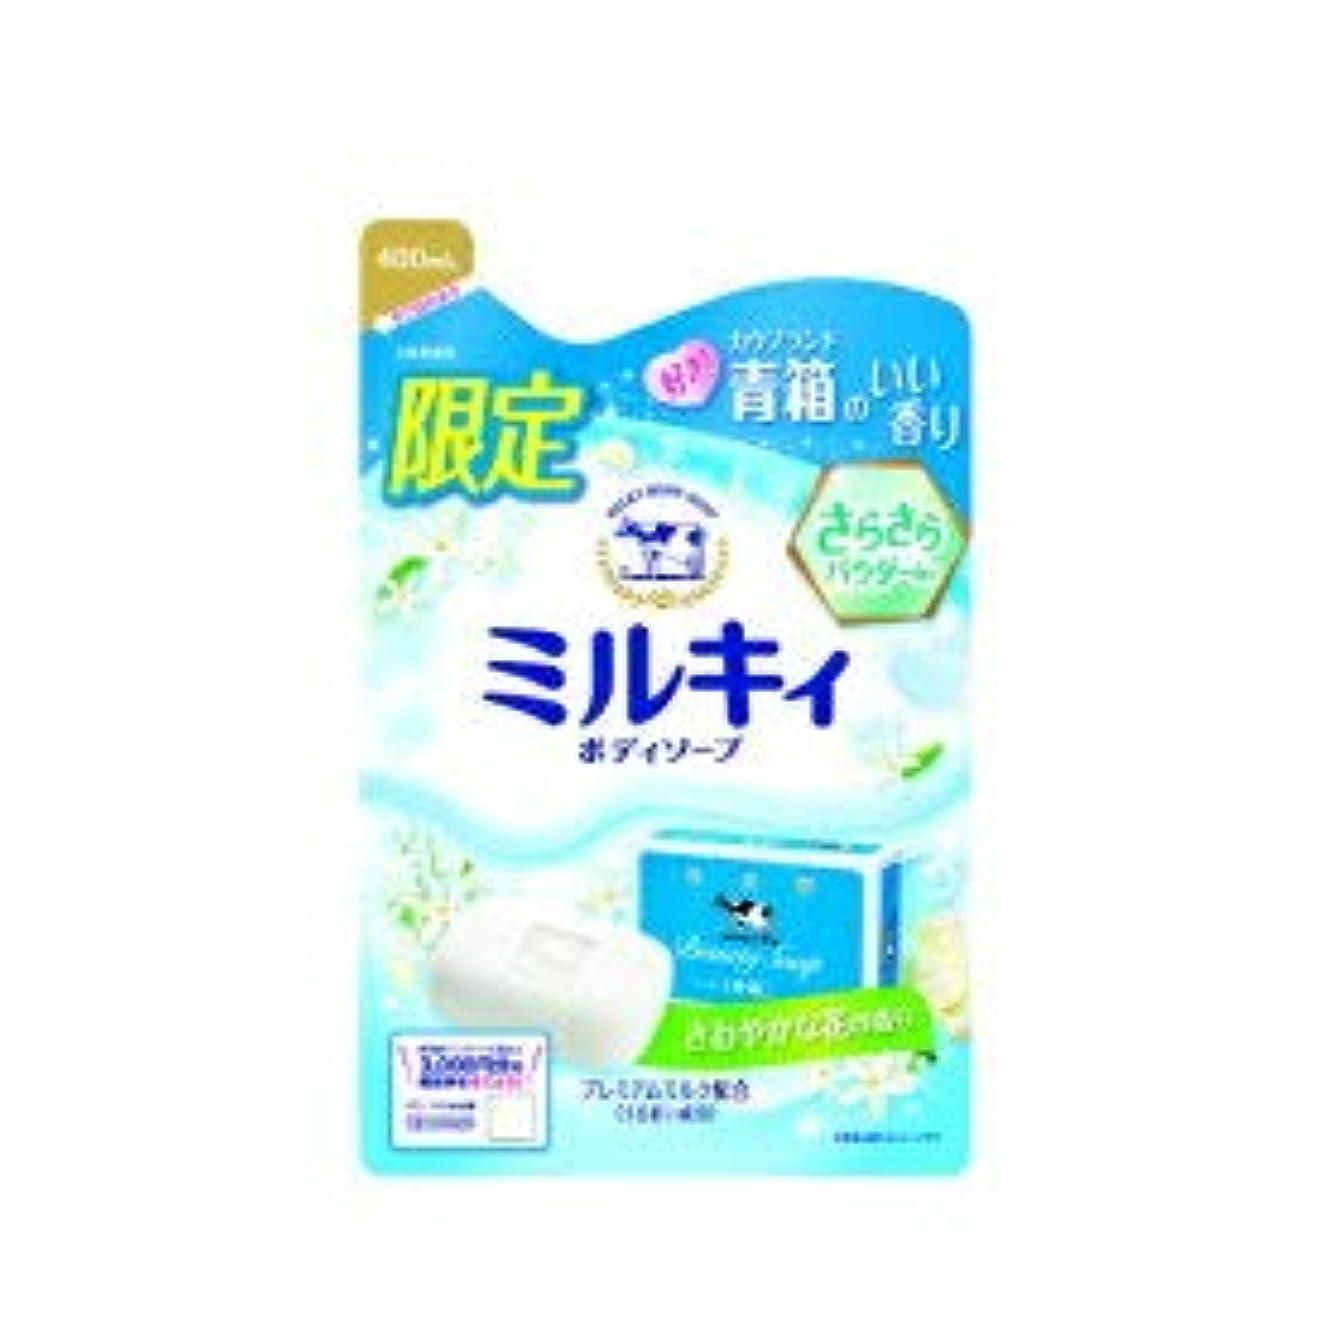 早熟厳しいびっくり【限定】ミルキィボディソープ 青箱の香り 詰替 400ml